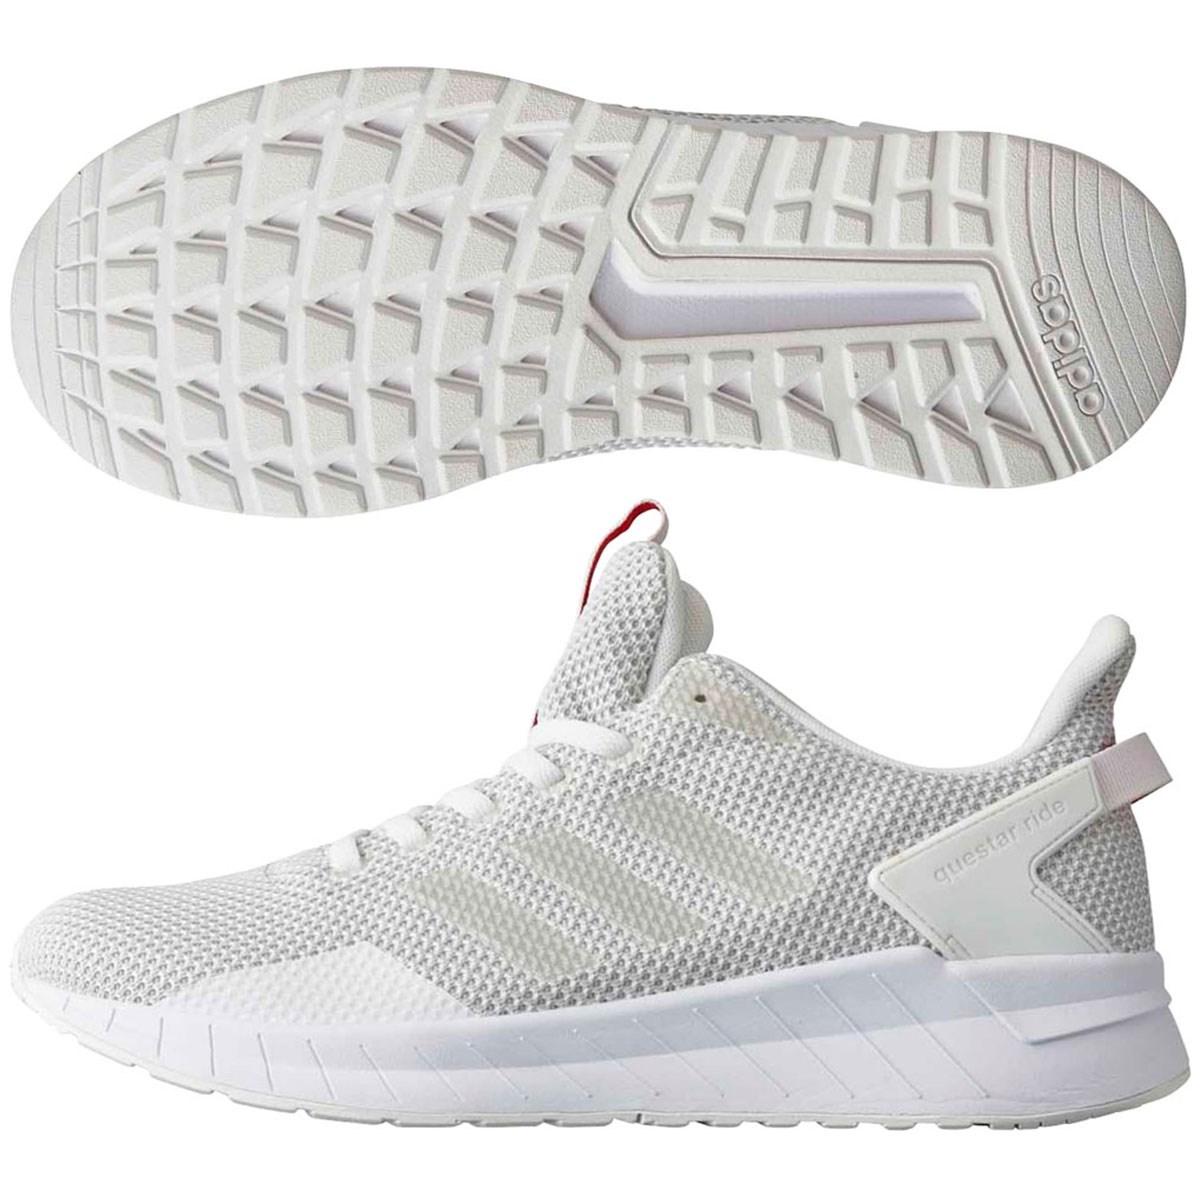 アディダス(adidas) QUESTAR RIDE シューズ